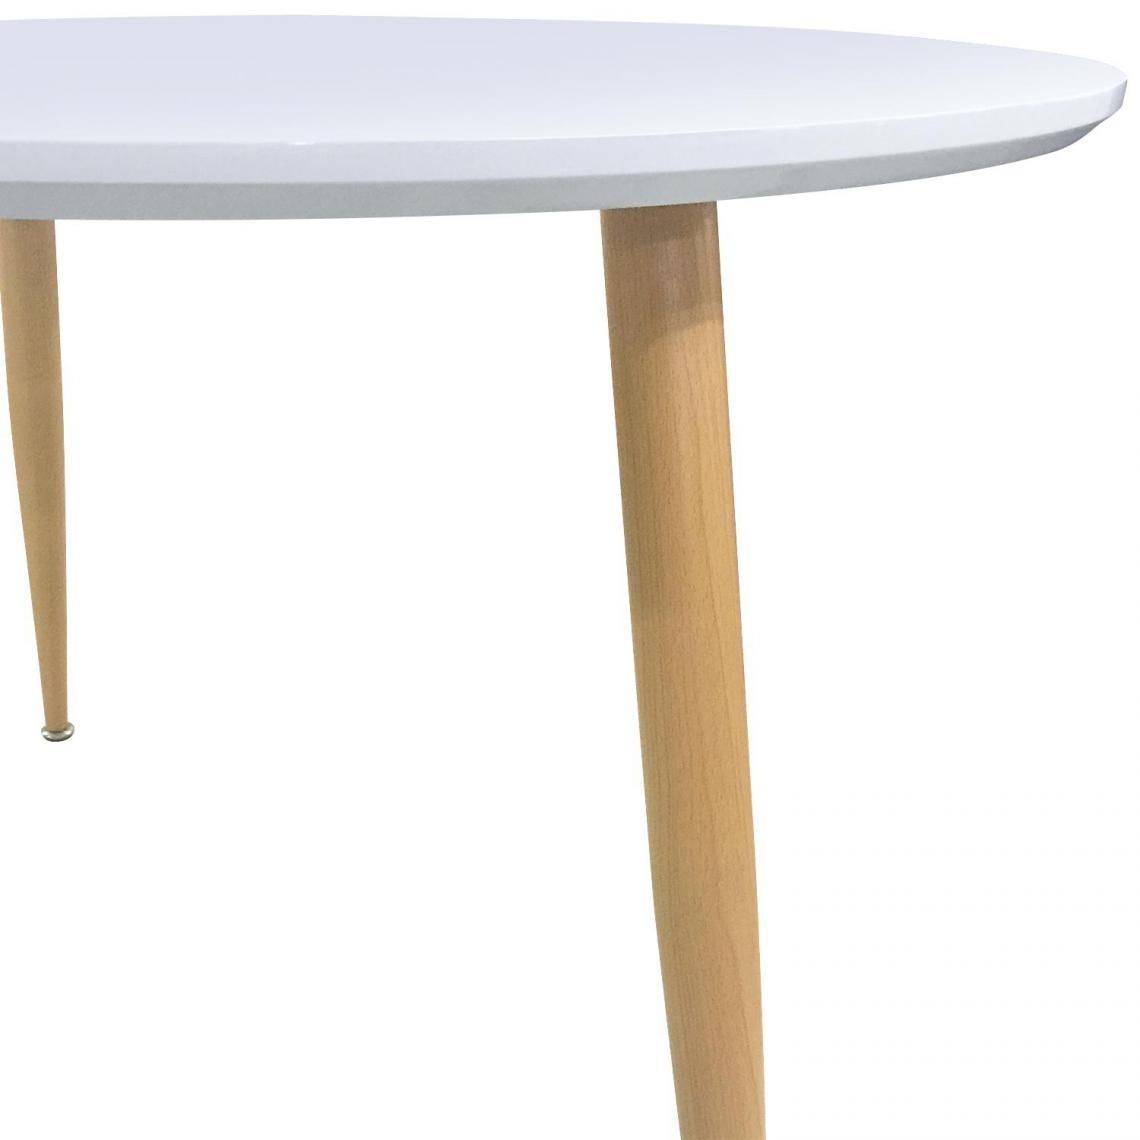 Table scandinave 110cm de diamètre bois laqué blanc ARNES   3 SUISSES